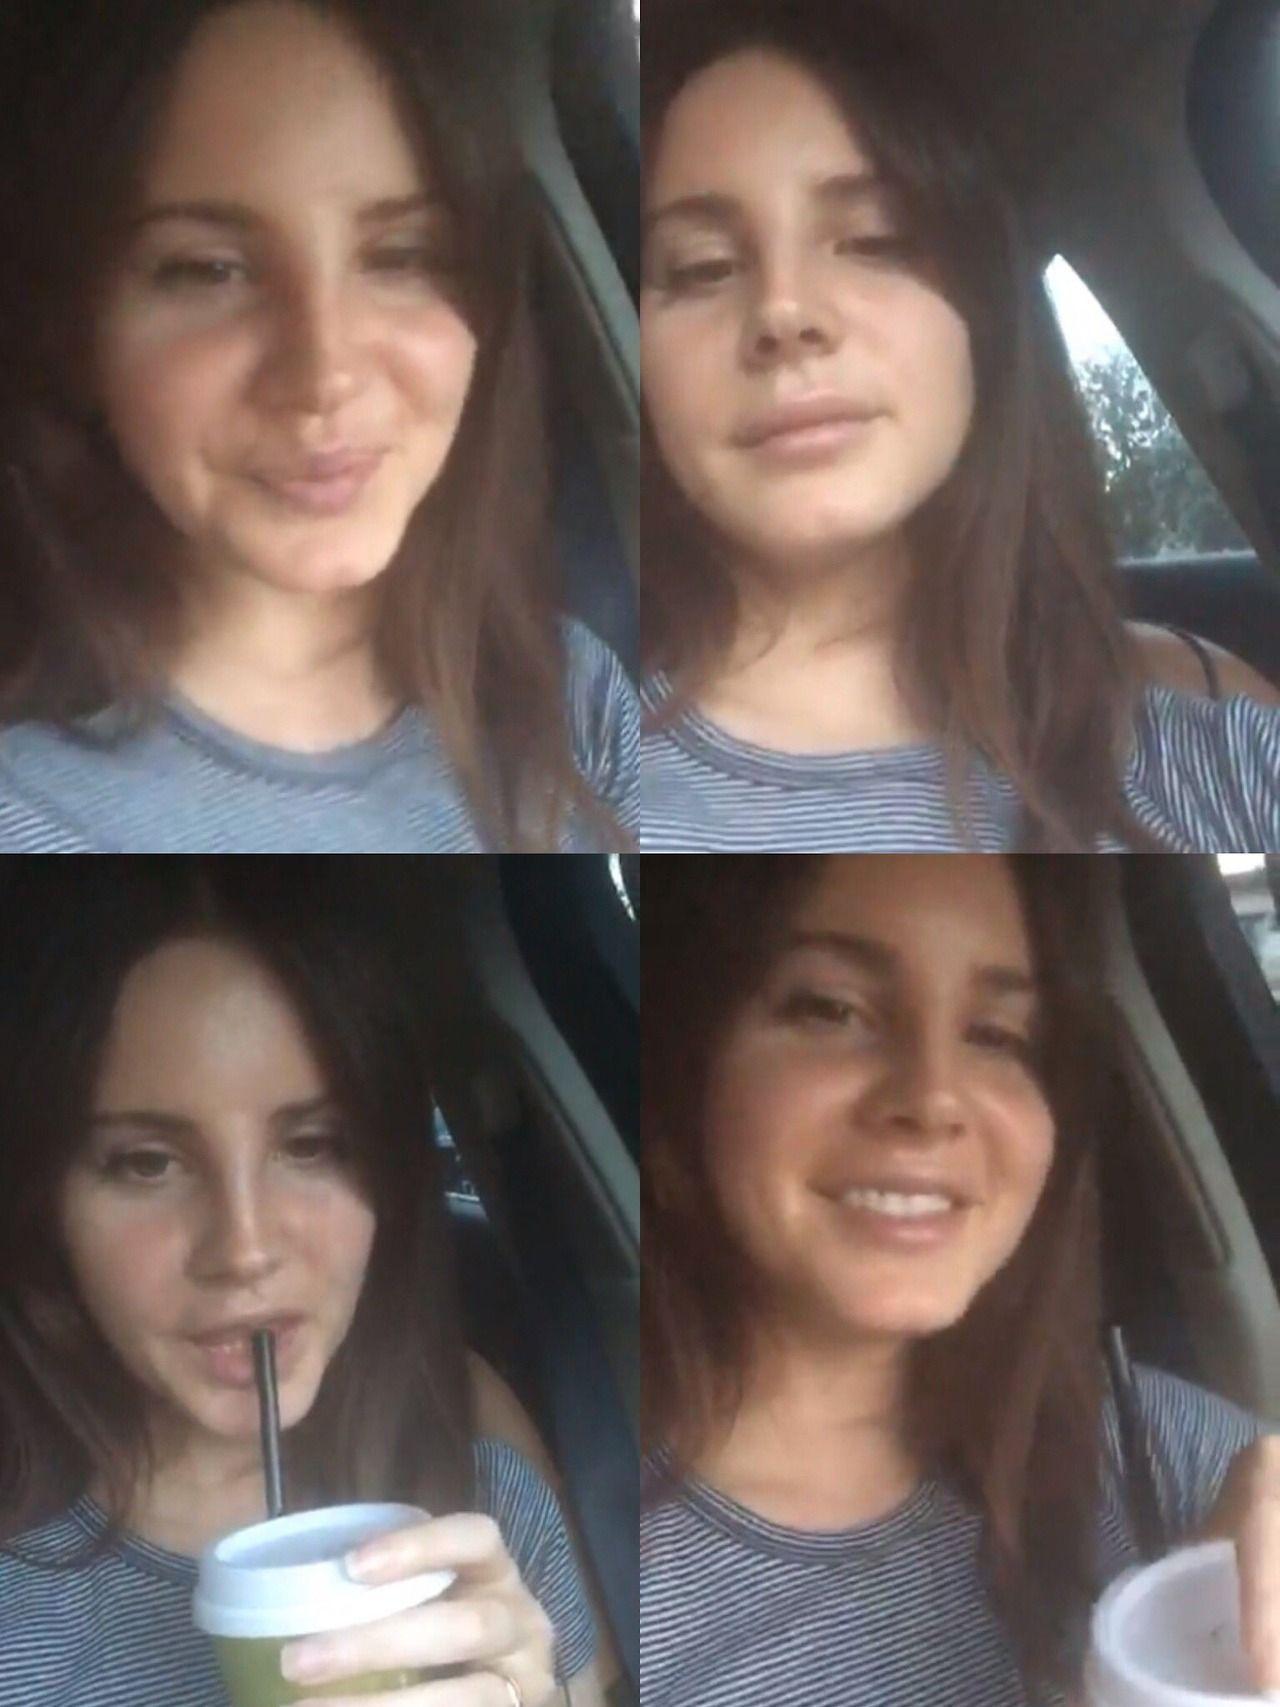 Lana del rey in the car video eu vou te amar